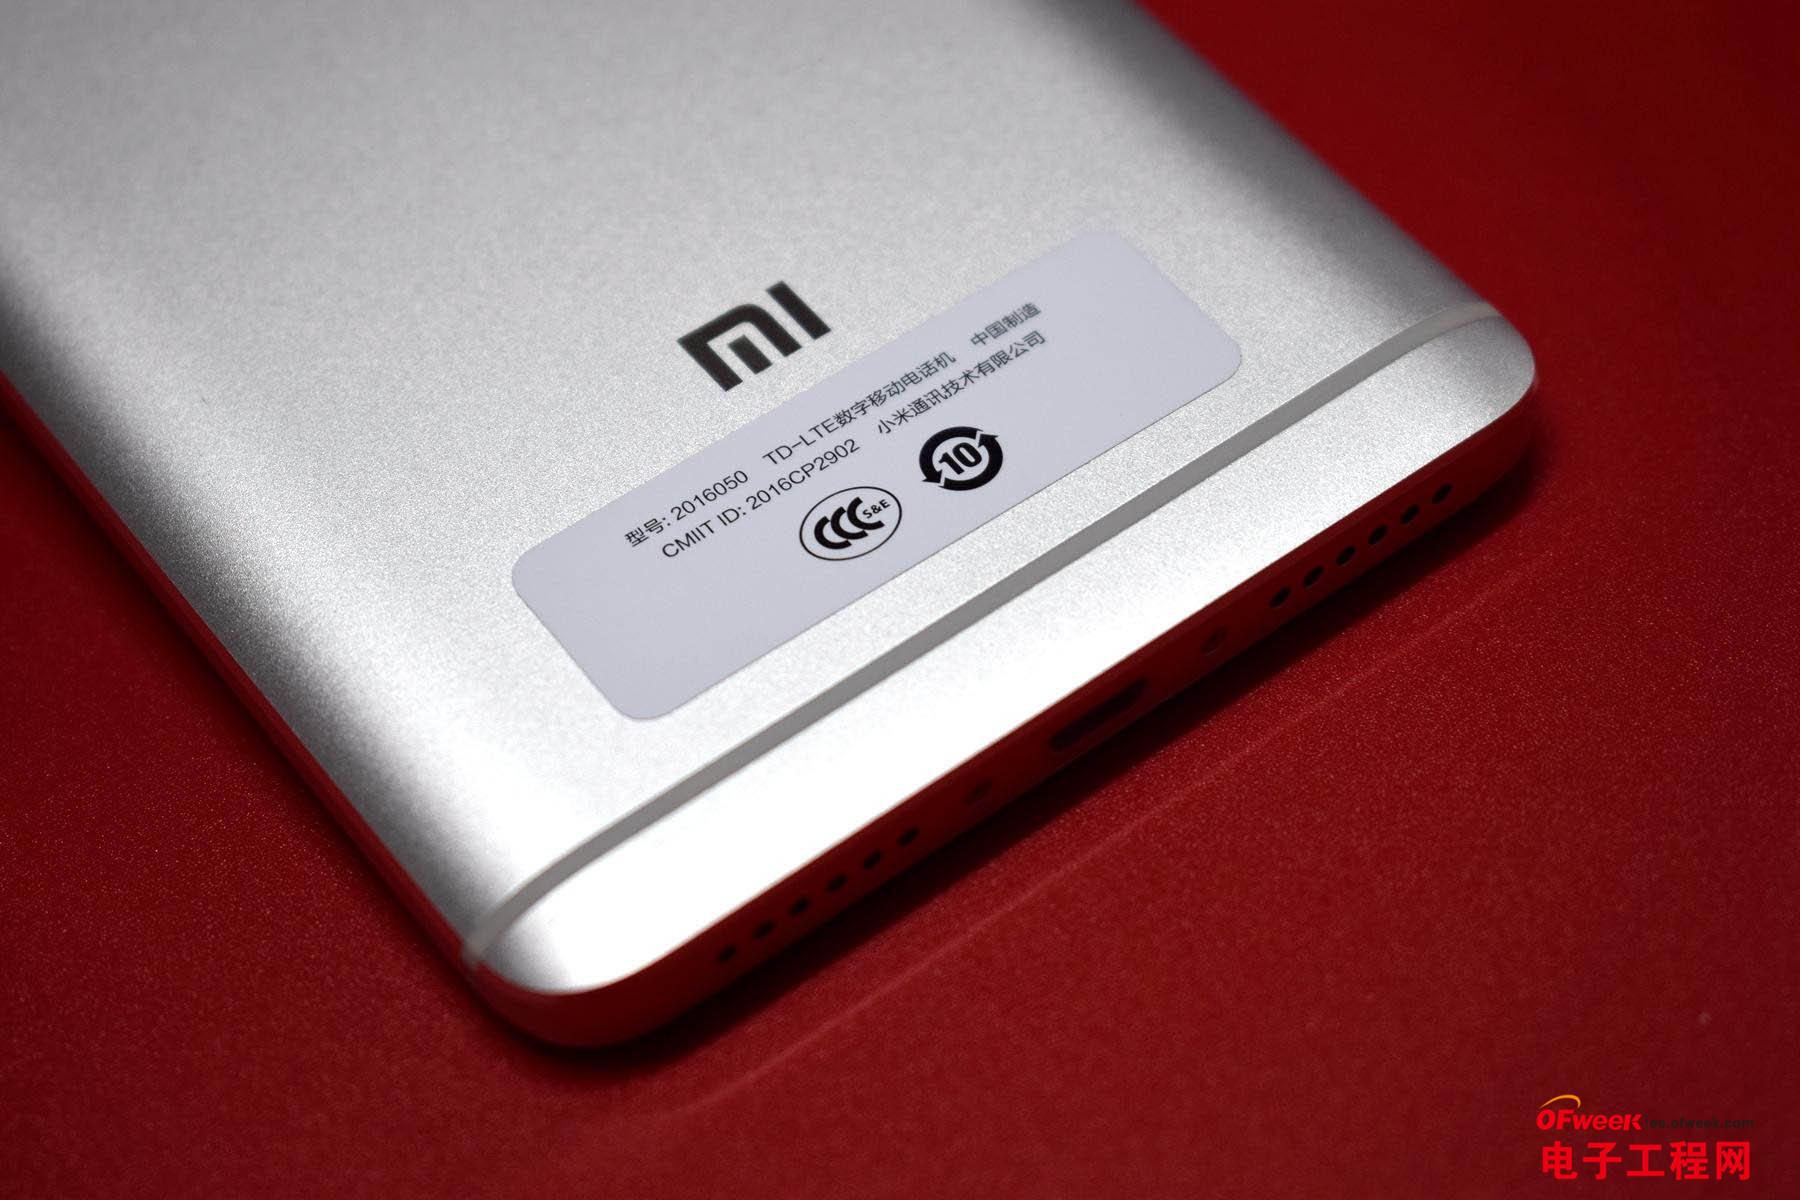 红米Note 4评测:千元国民手机 与360N4A/魅蓝E谁更实至名归?